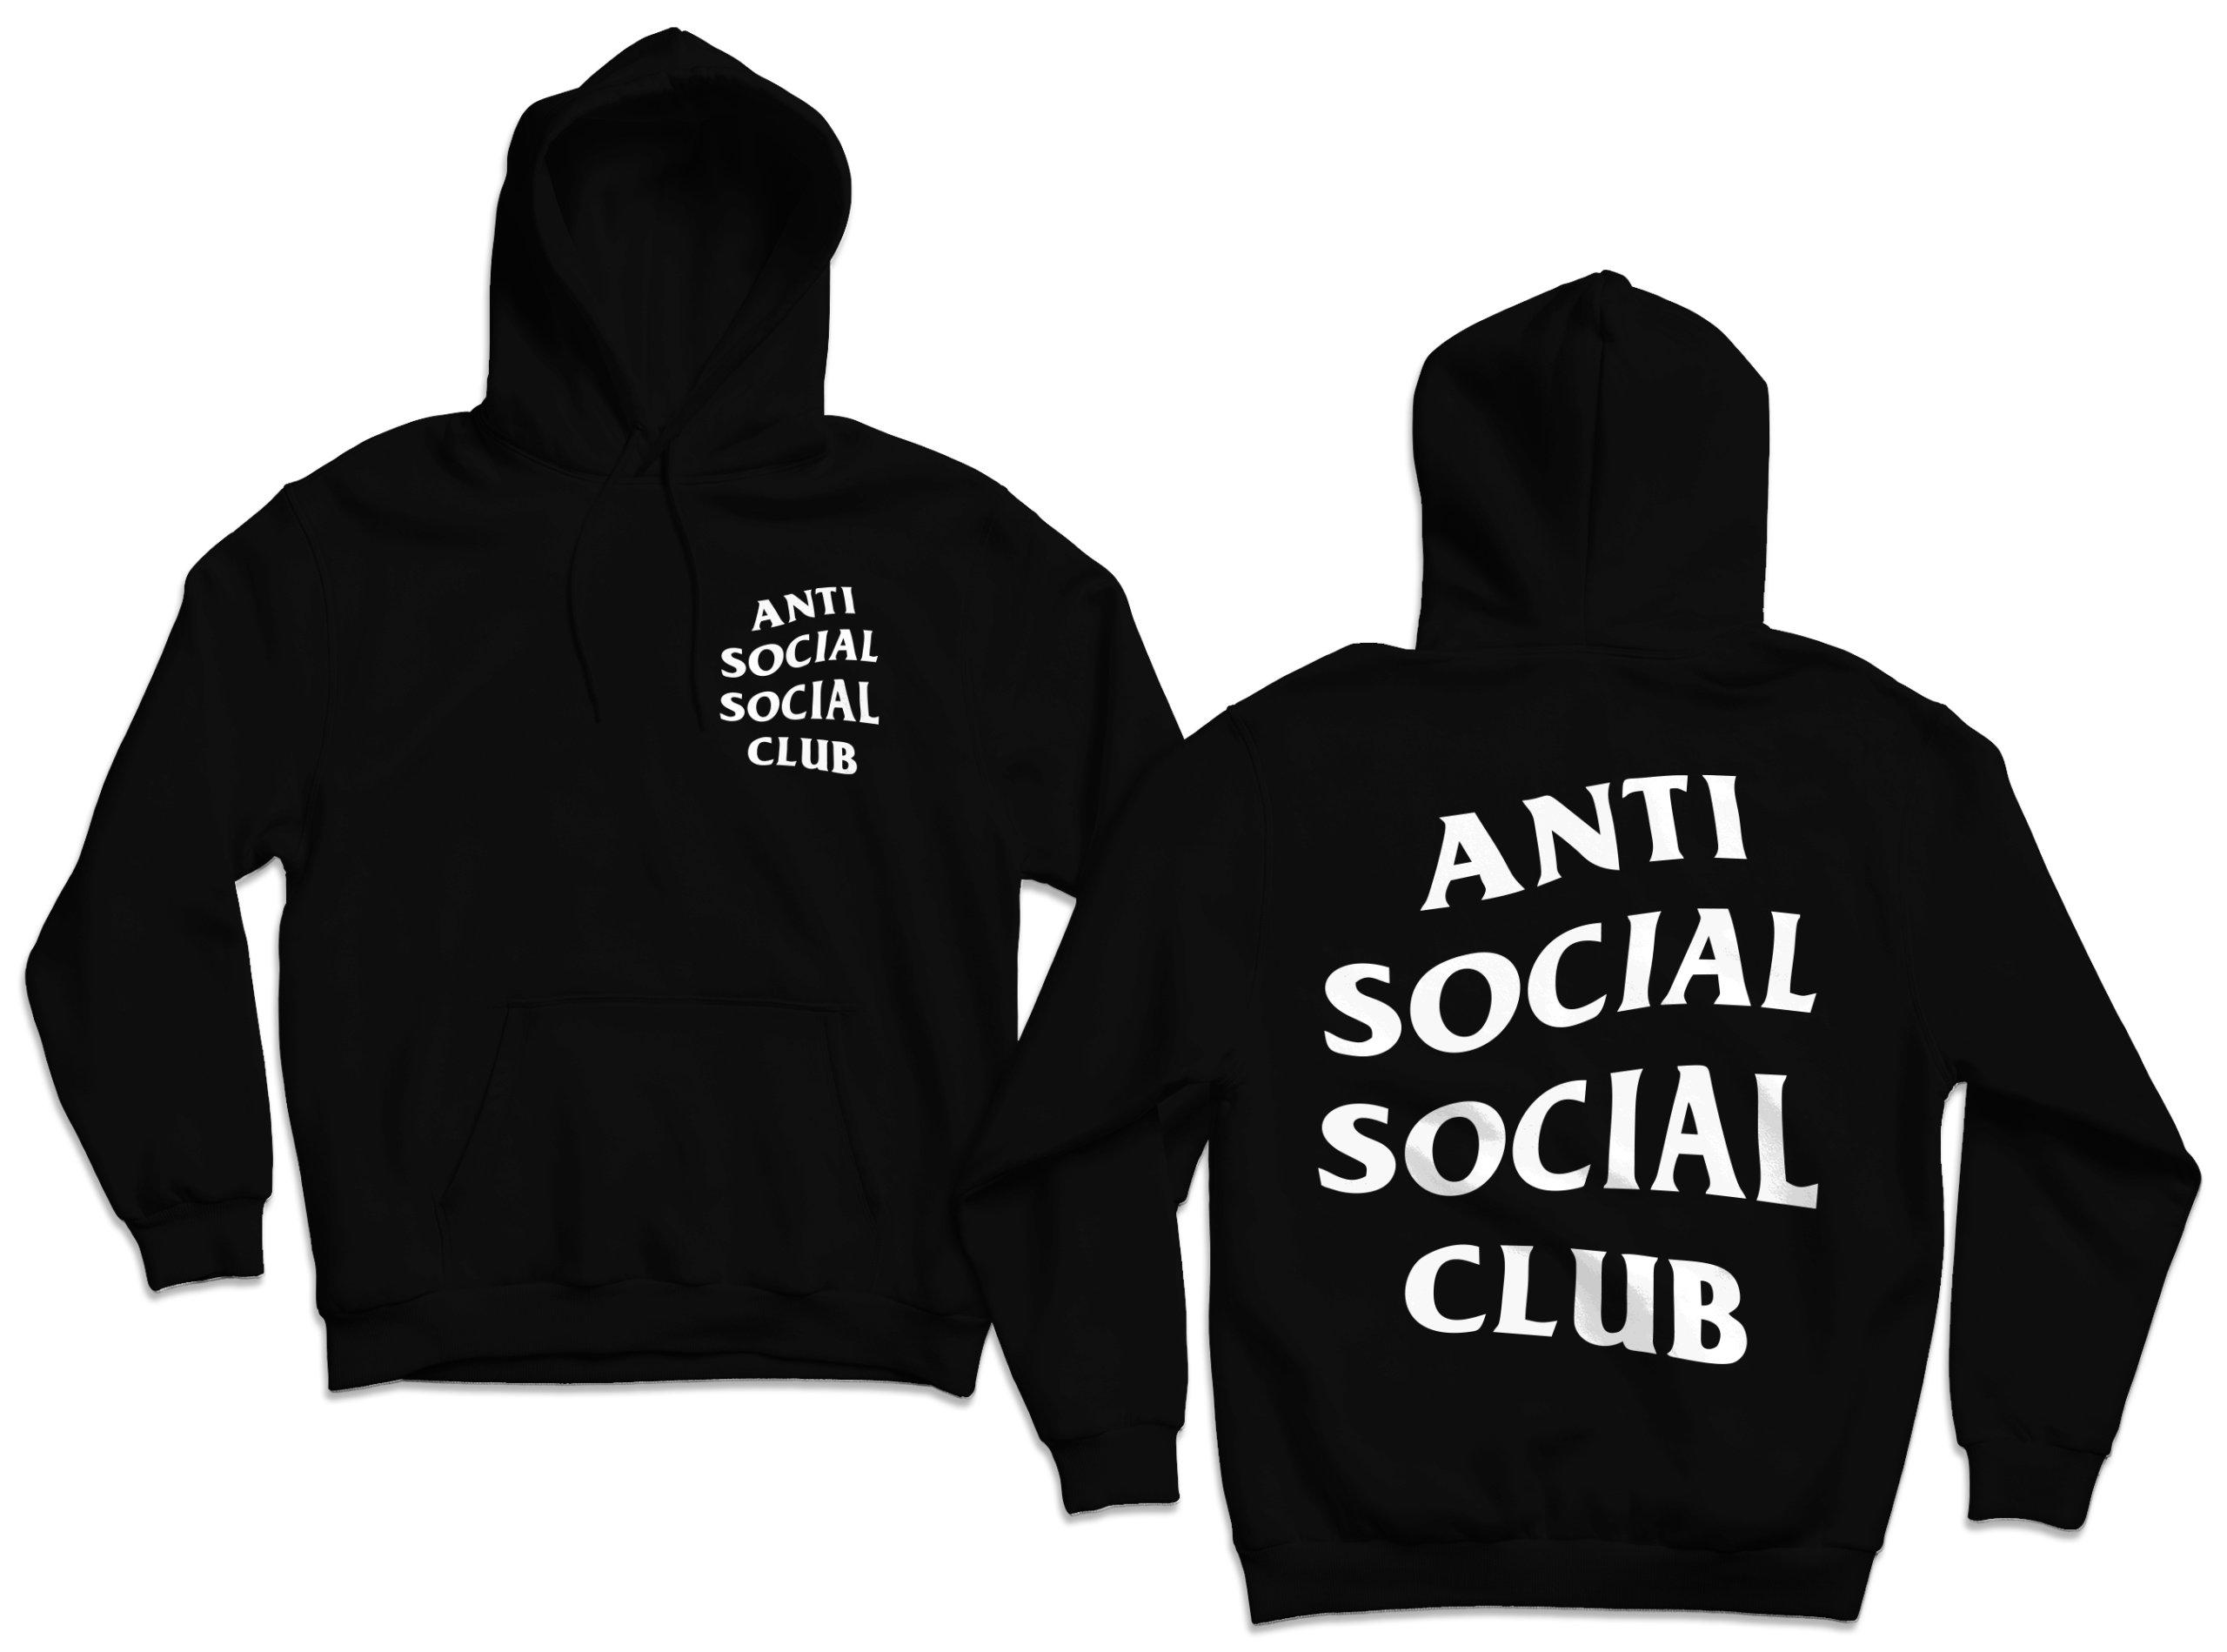 Anti Social Social Club tonajbardziej przeceniana streetwearowa marka whistorii. Serio